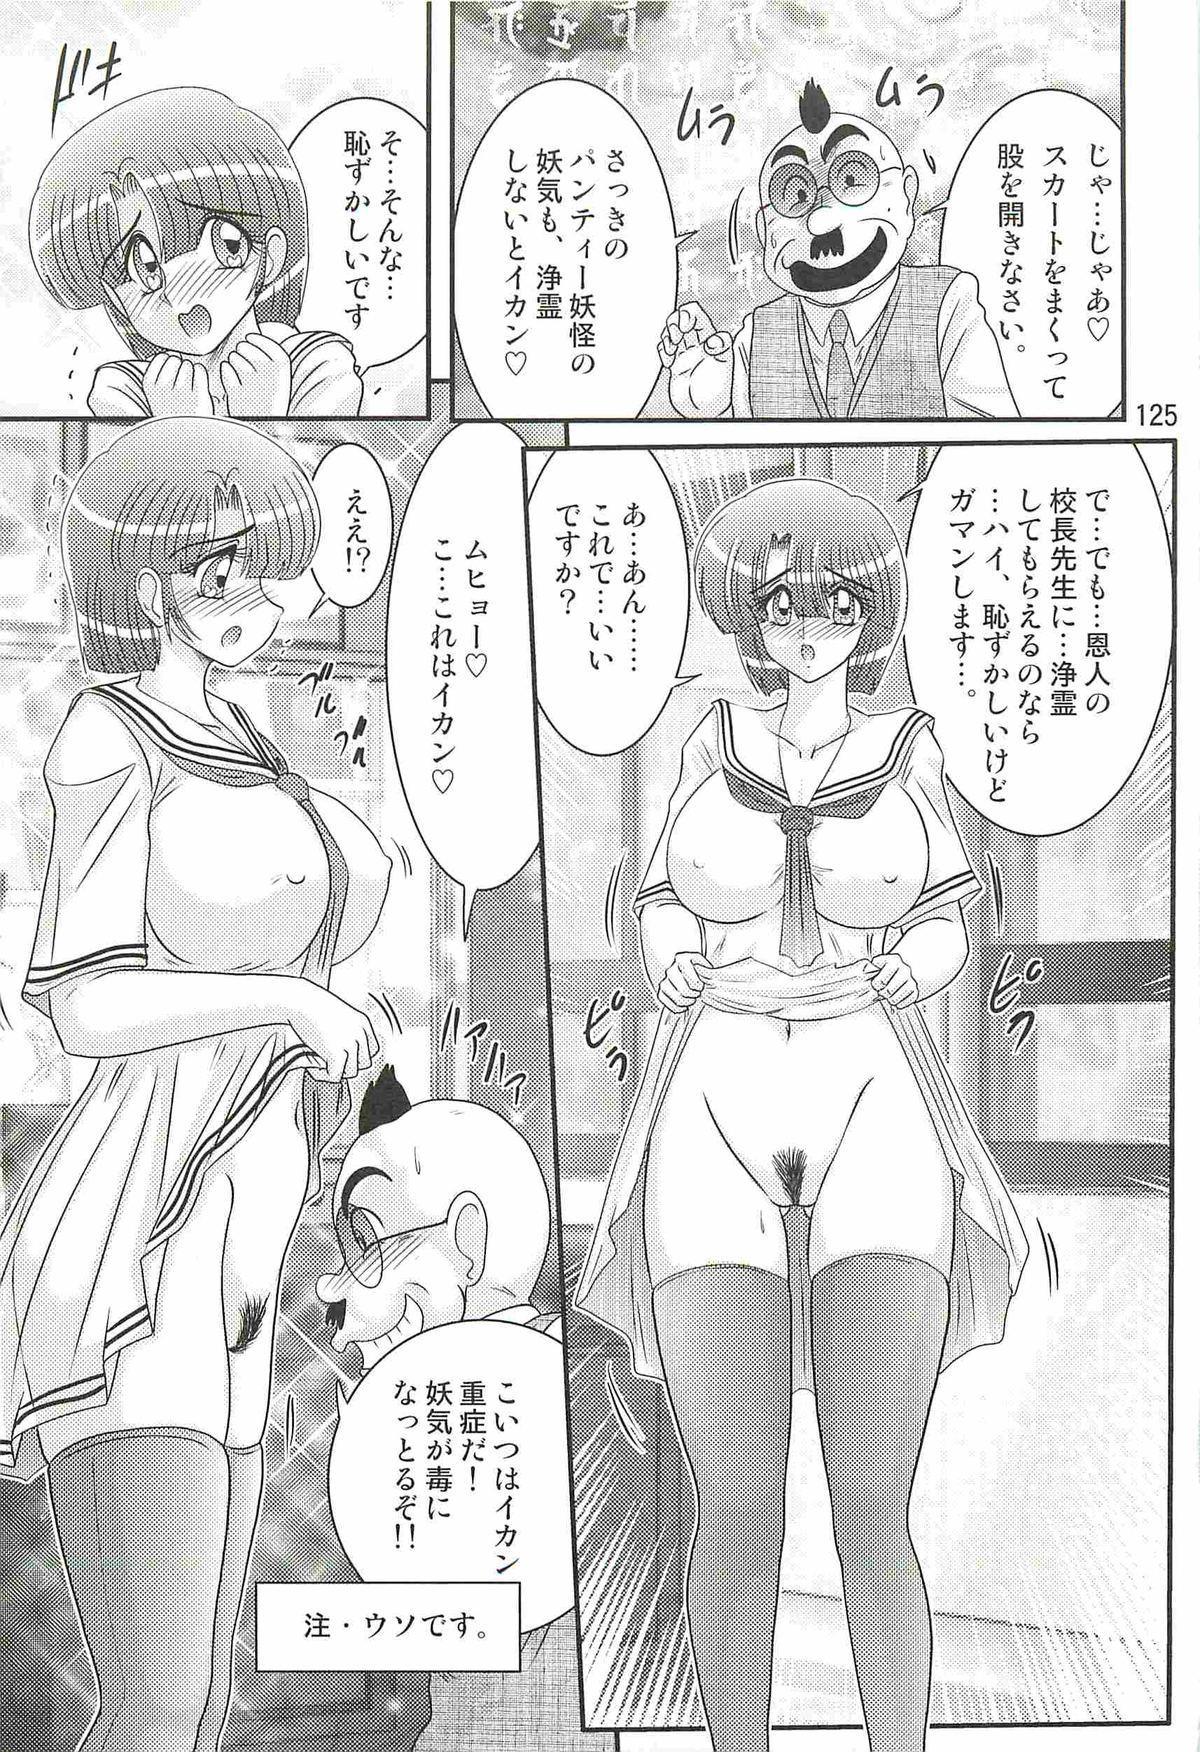 Seirei Tokusou Fairy Saber W - Undead Rape 128